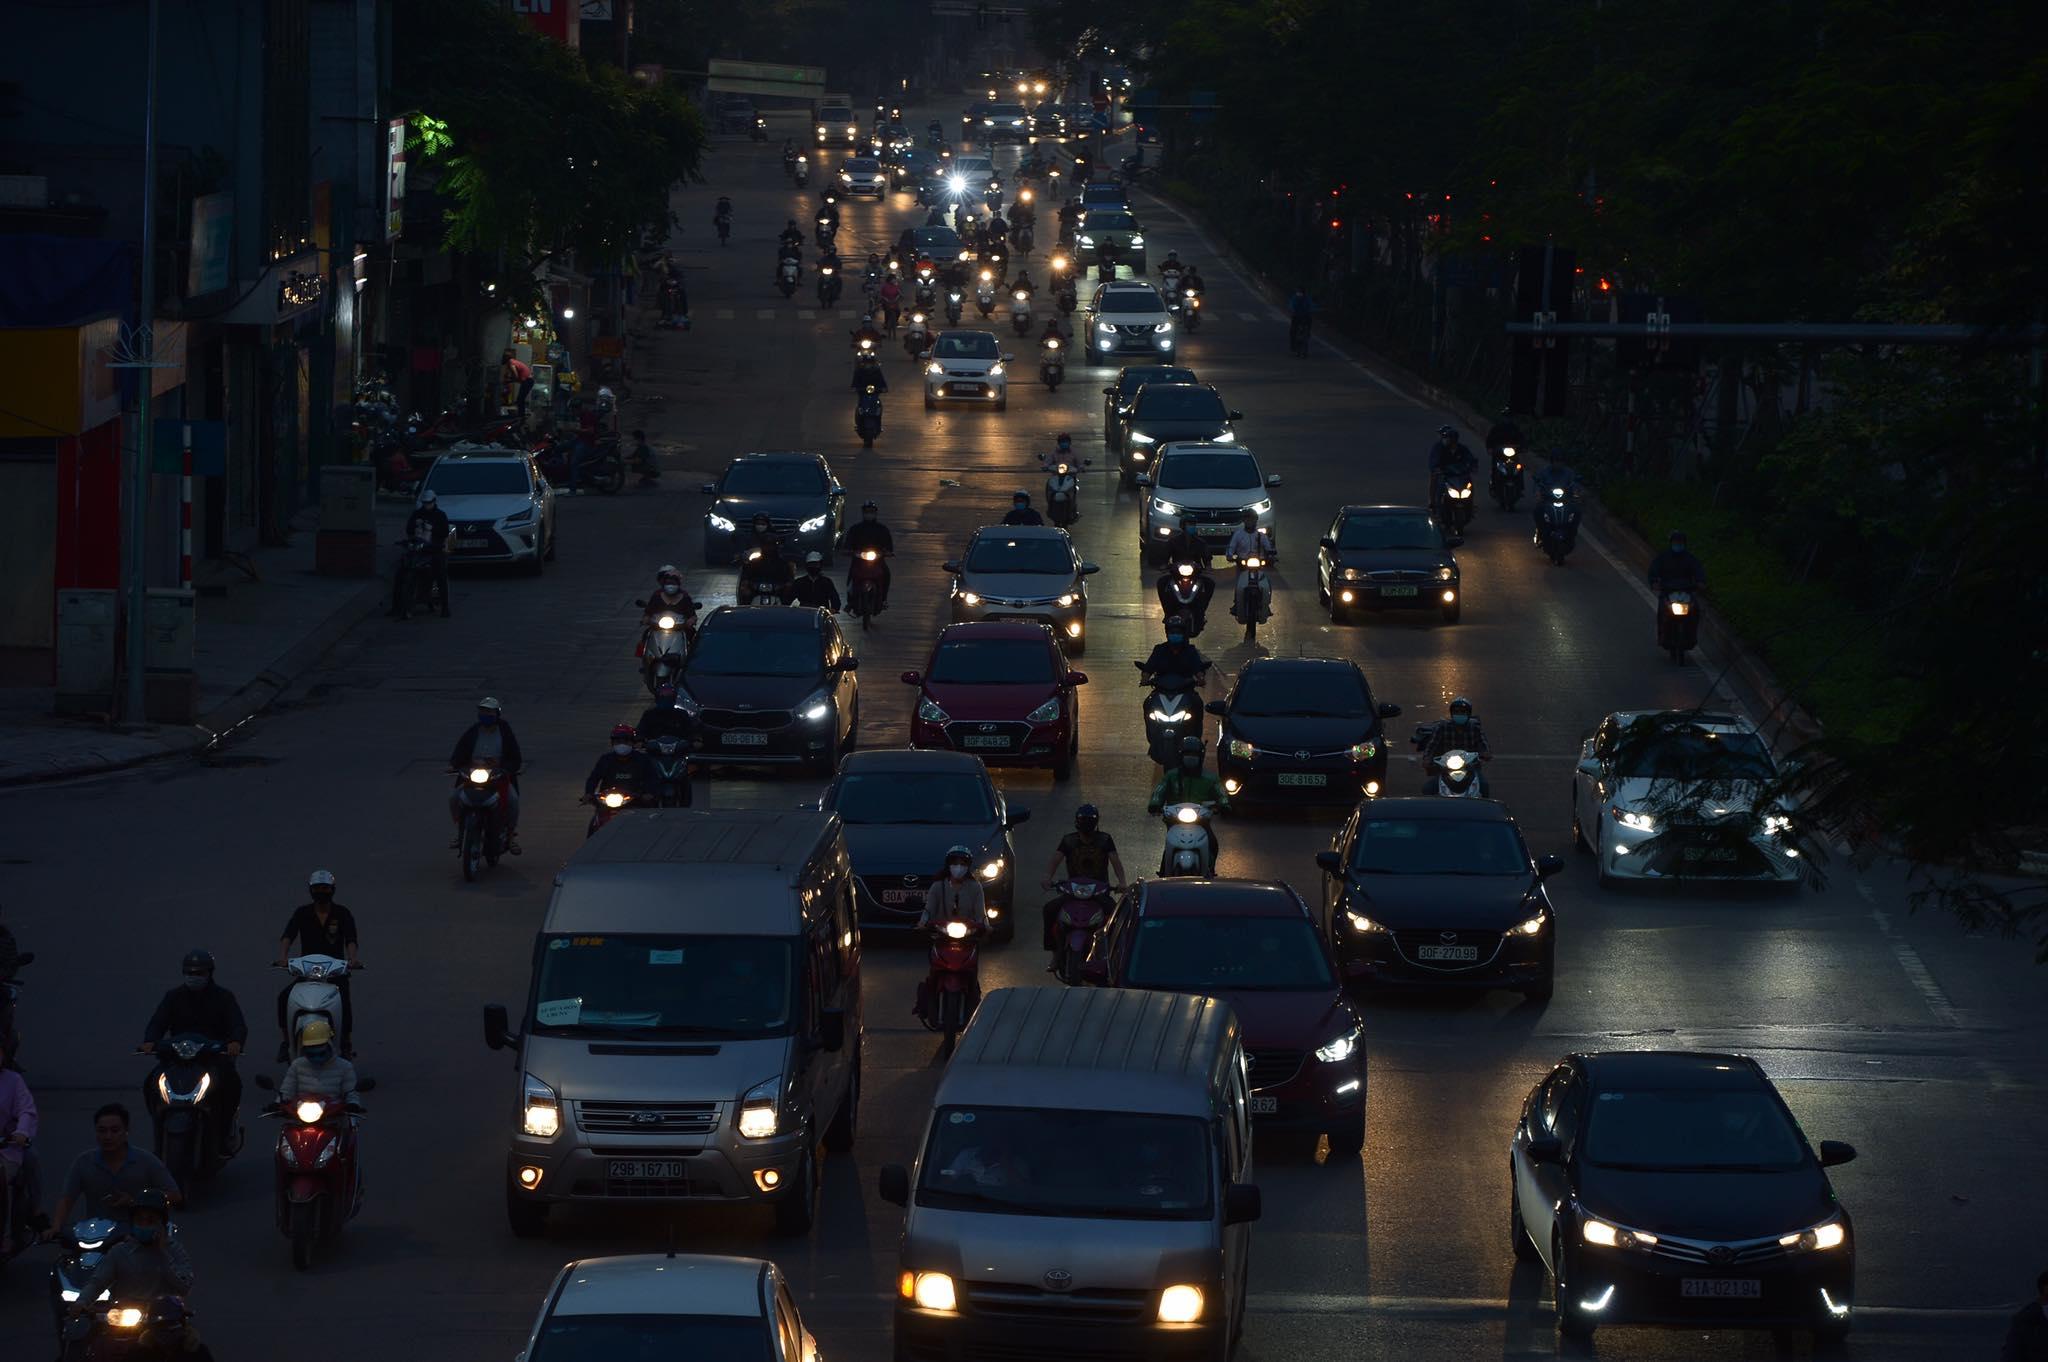 Đường Đại Cồ Việt (Quận Hai Bà trưng, Hà Nội) chiều tối ngày 9/4 mật độ giao thông vẫn san sát thế này